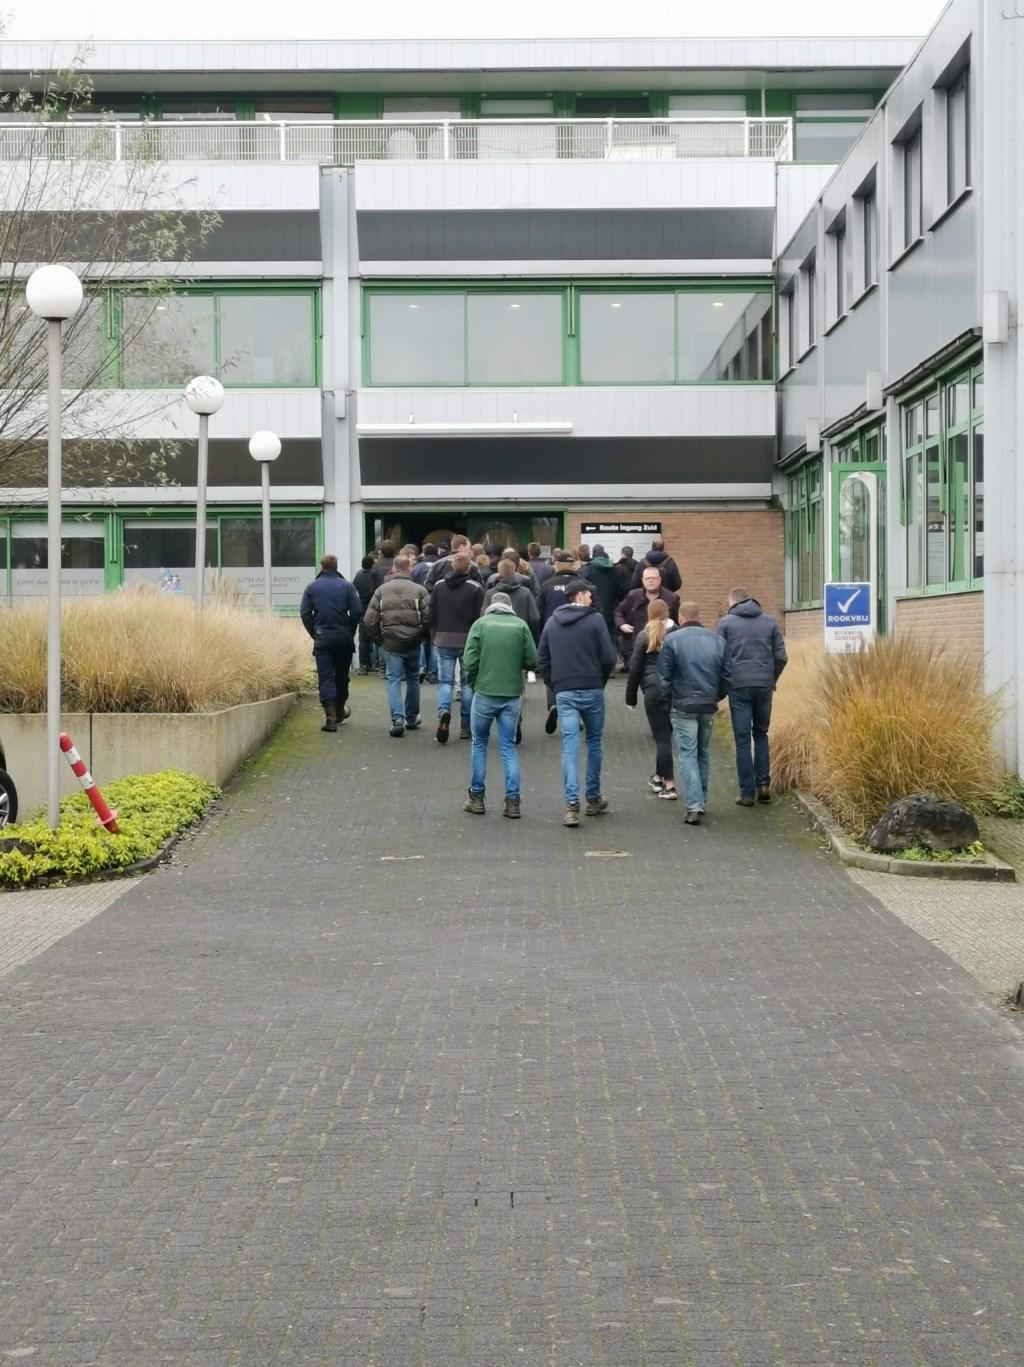 Foto: RondOm Drachten © Rondom Drachten